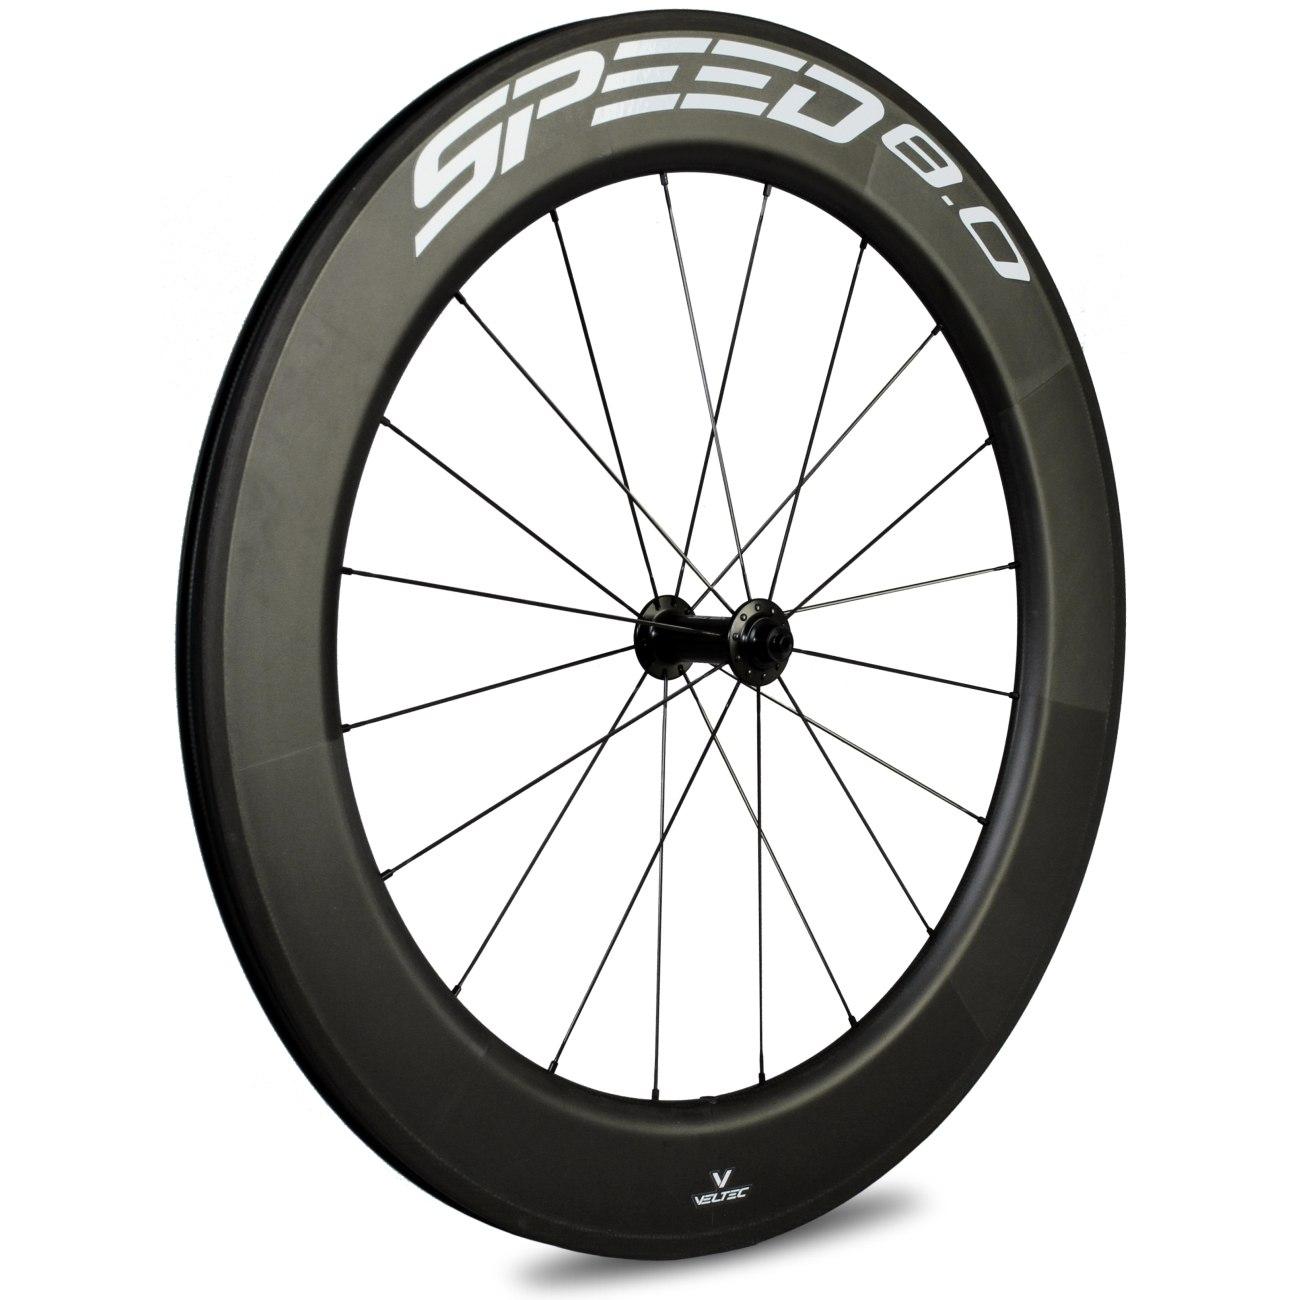 Veltec Speed 8.0 Carbon Vorderrad - Drahtreifen - QR100 - schwarz mit weißen Decals